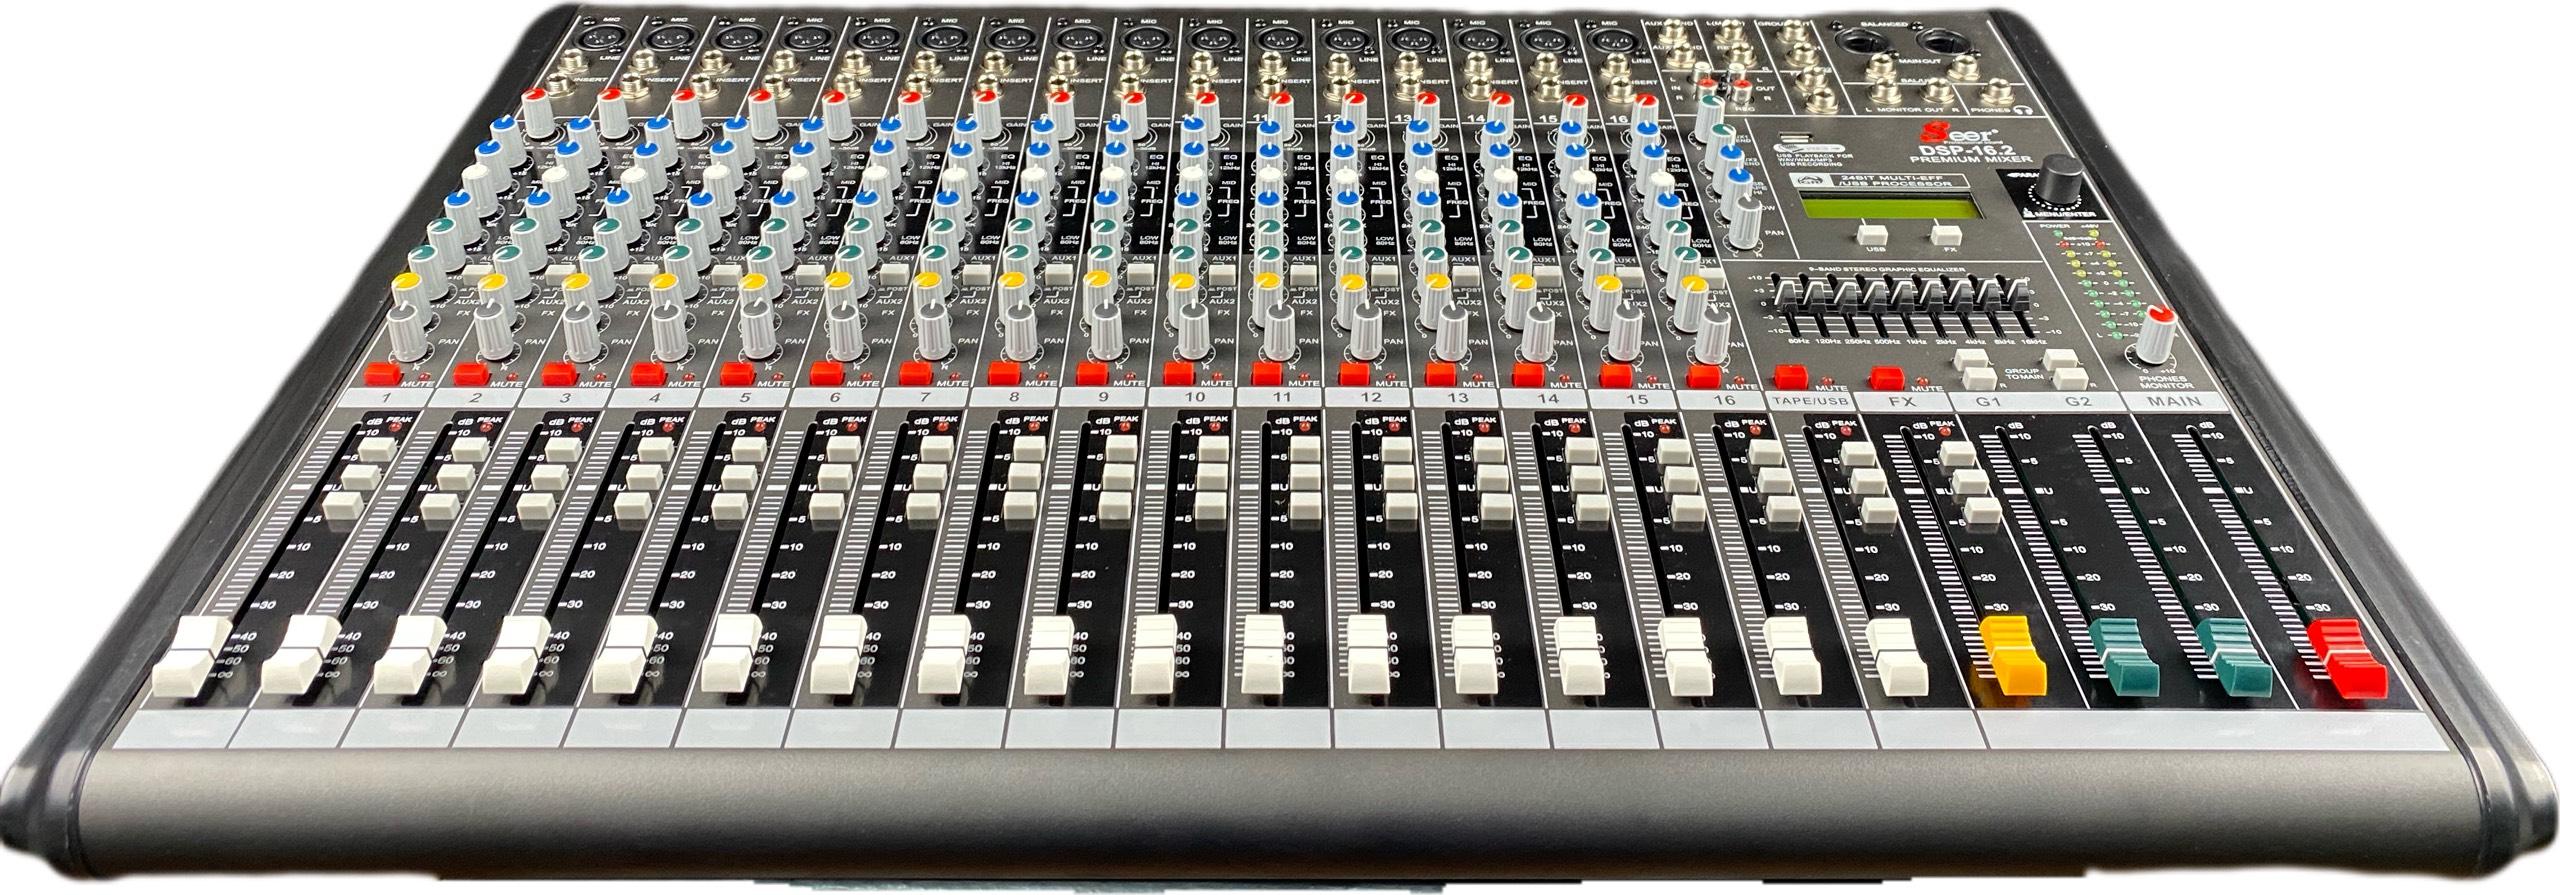 Seer audio DSP16.2USB